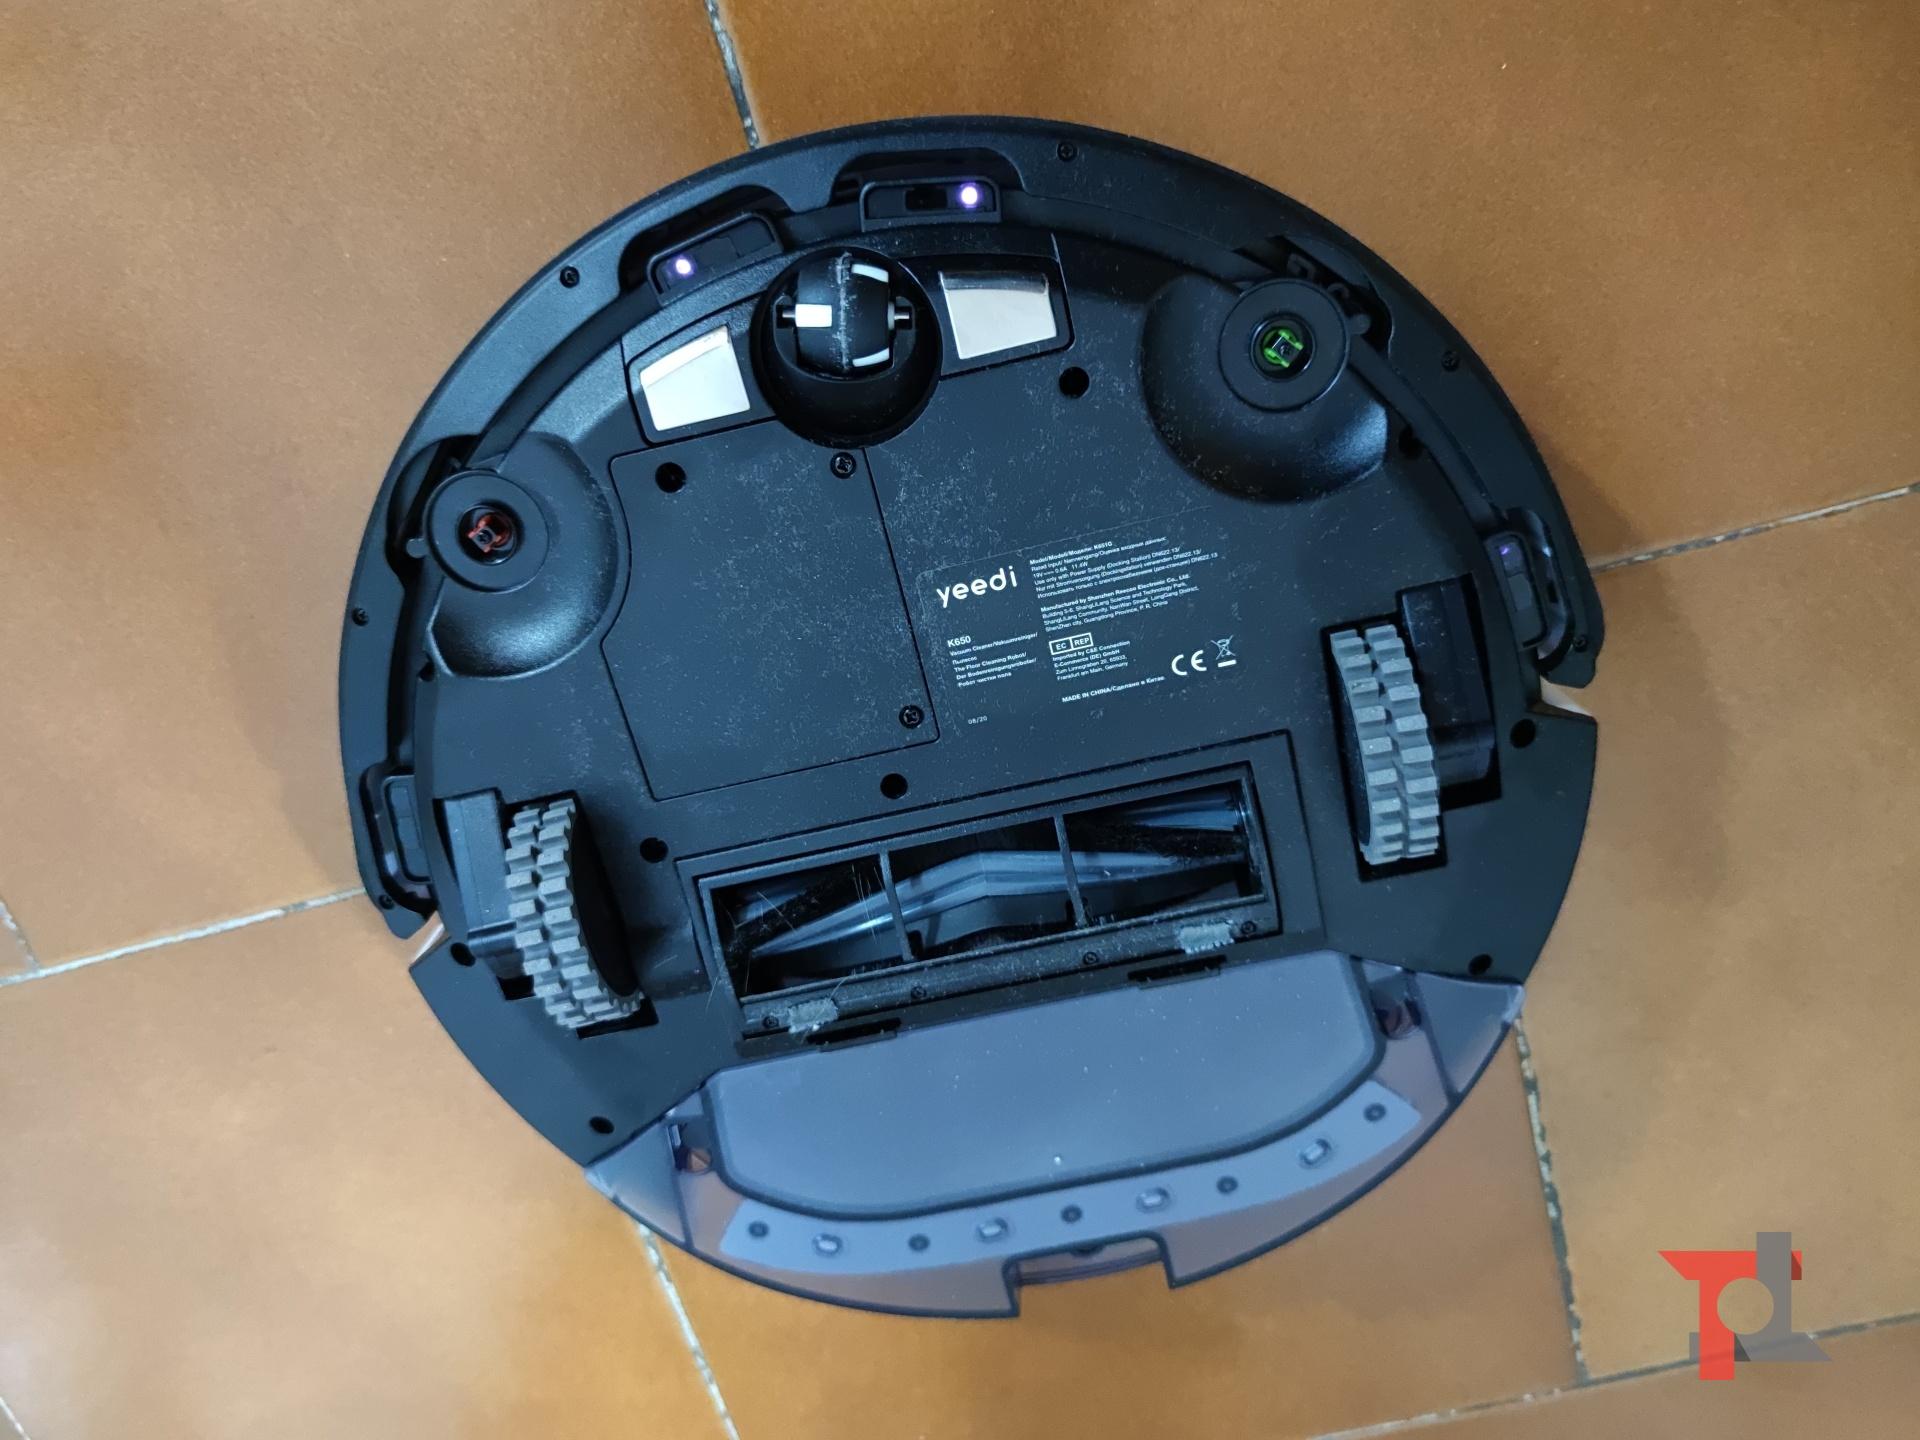 Yeedi K650, conviene acquistare un aspirapolvere robot da 140 euro? 6